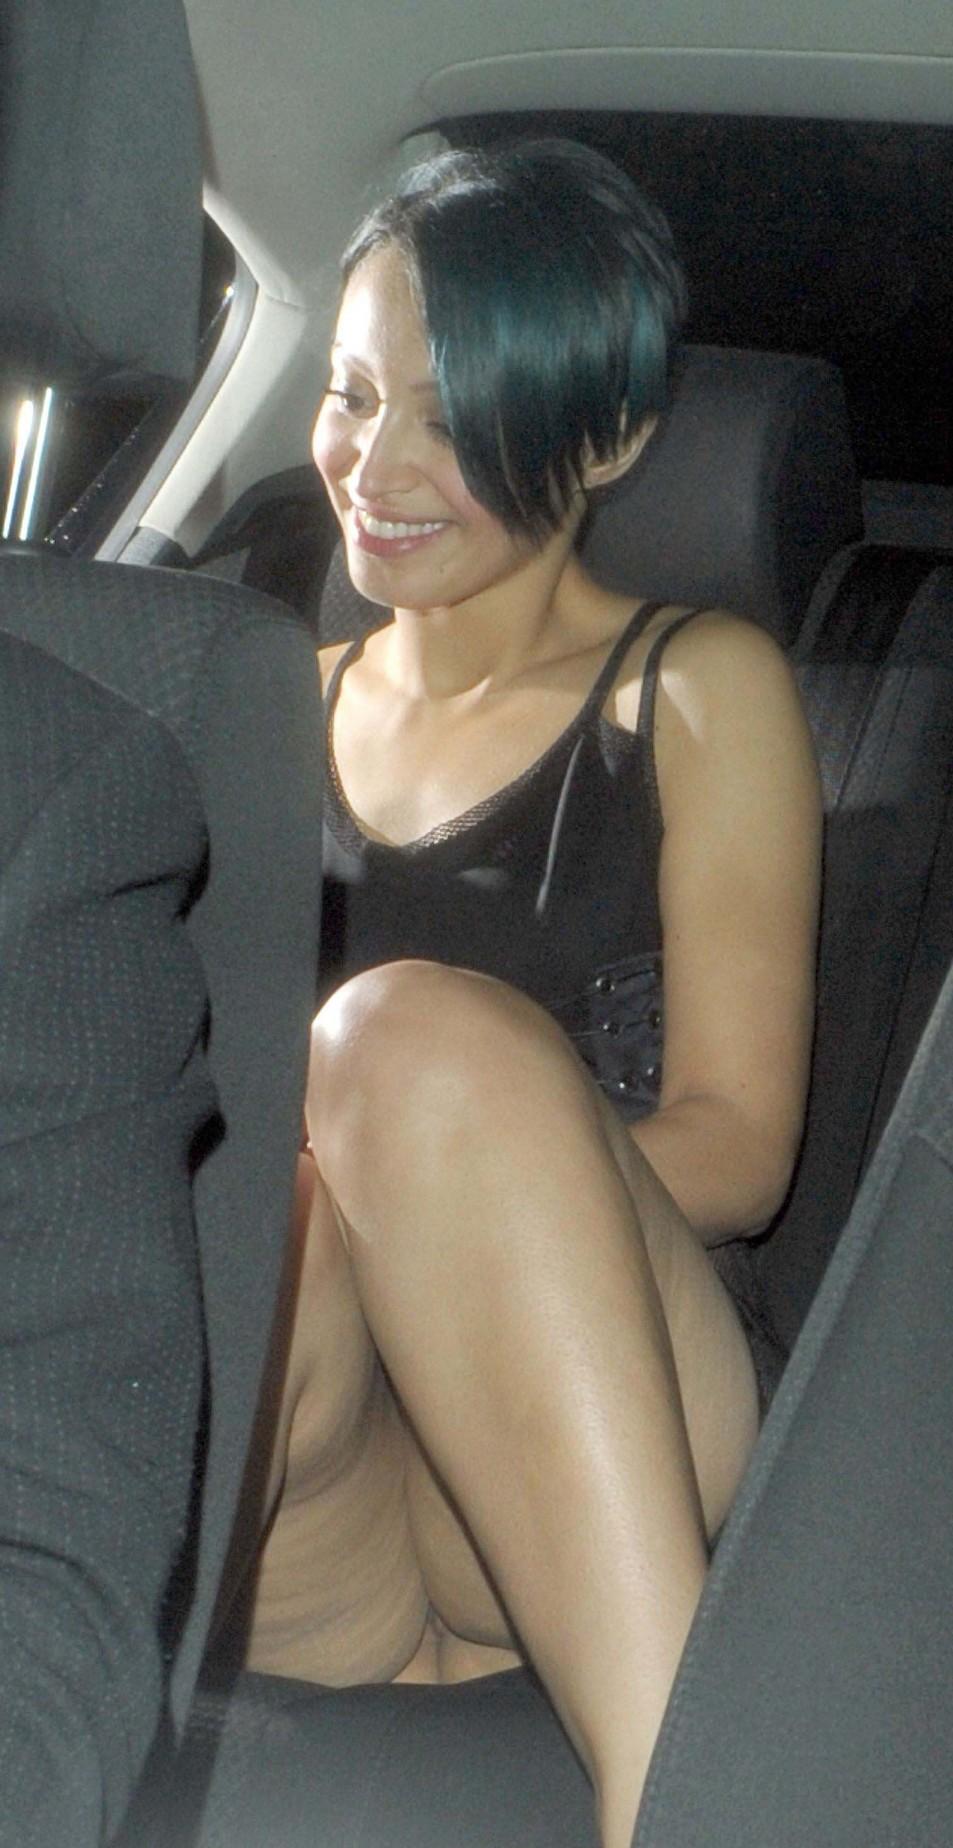 Amelle-Berrabah-Pantyless-Upskirt-3.jpg